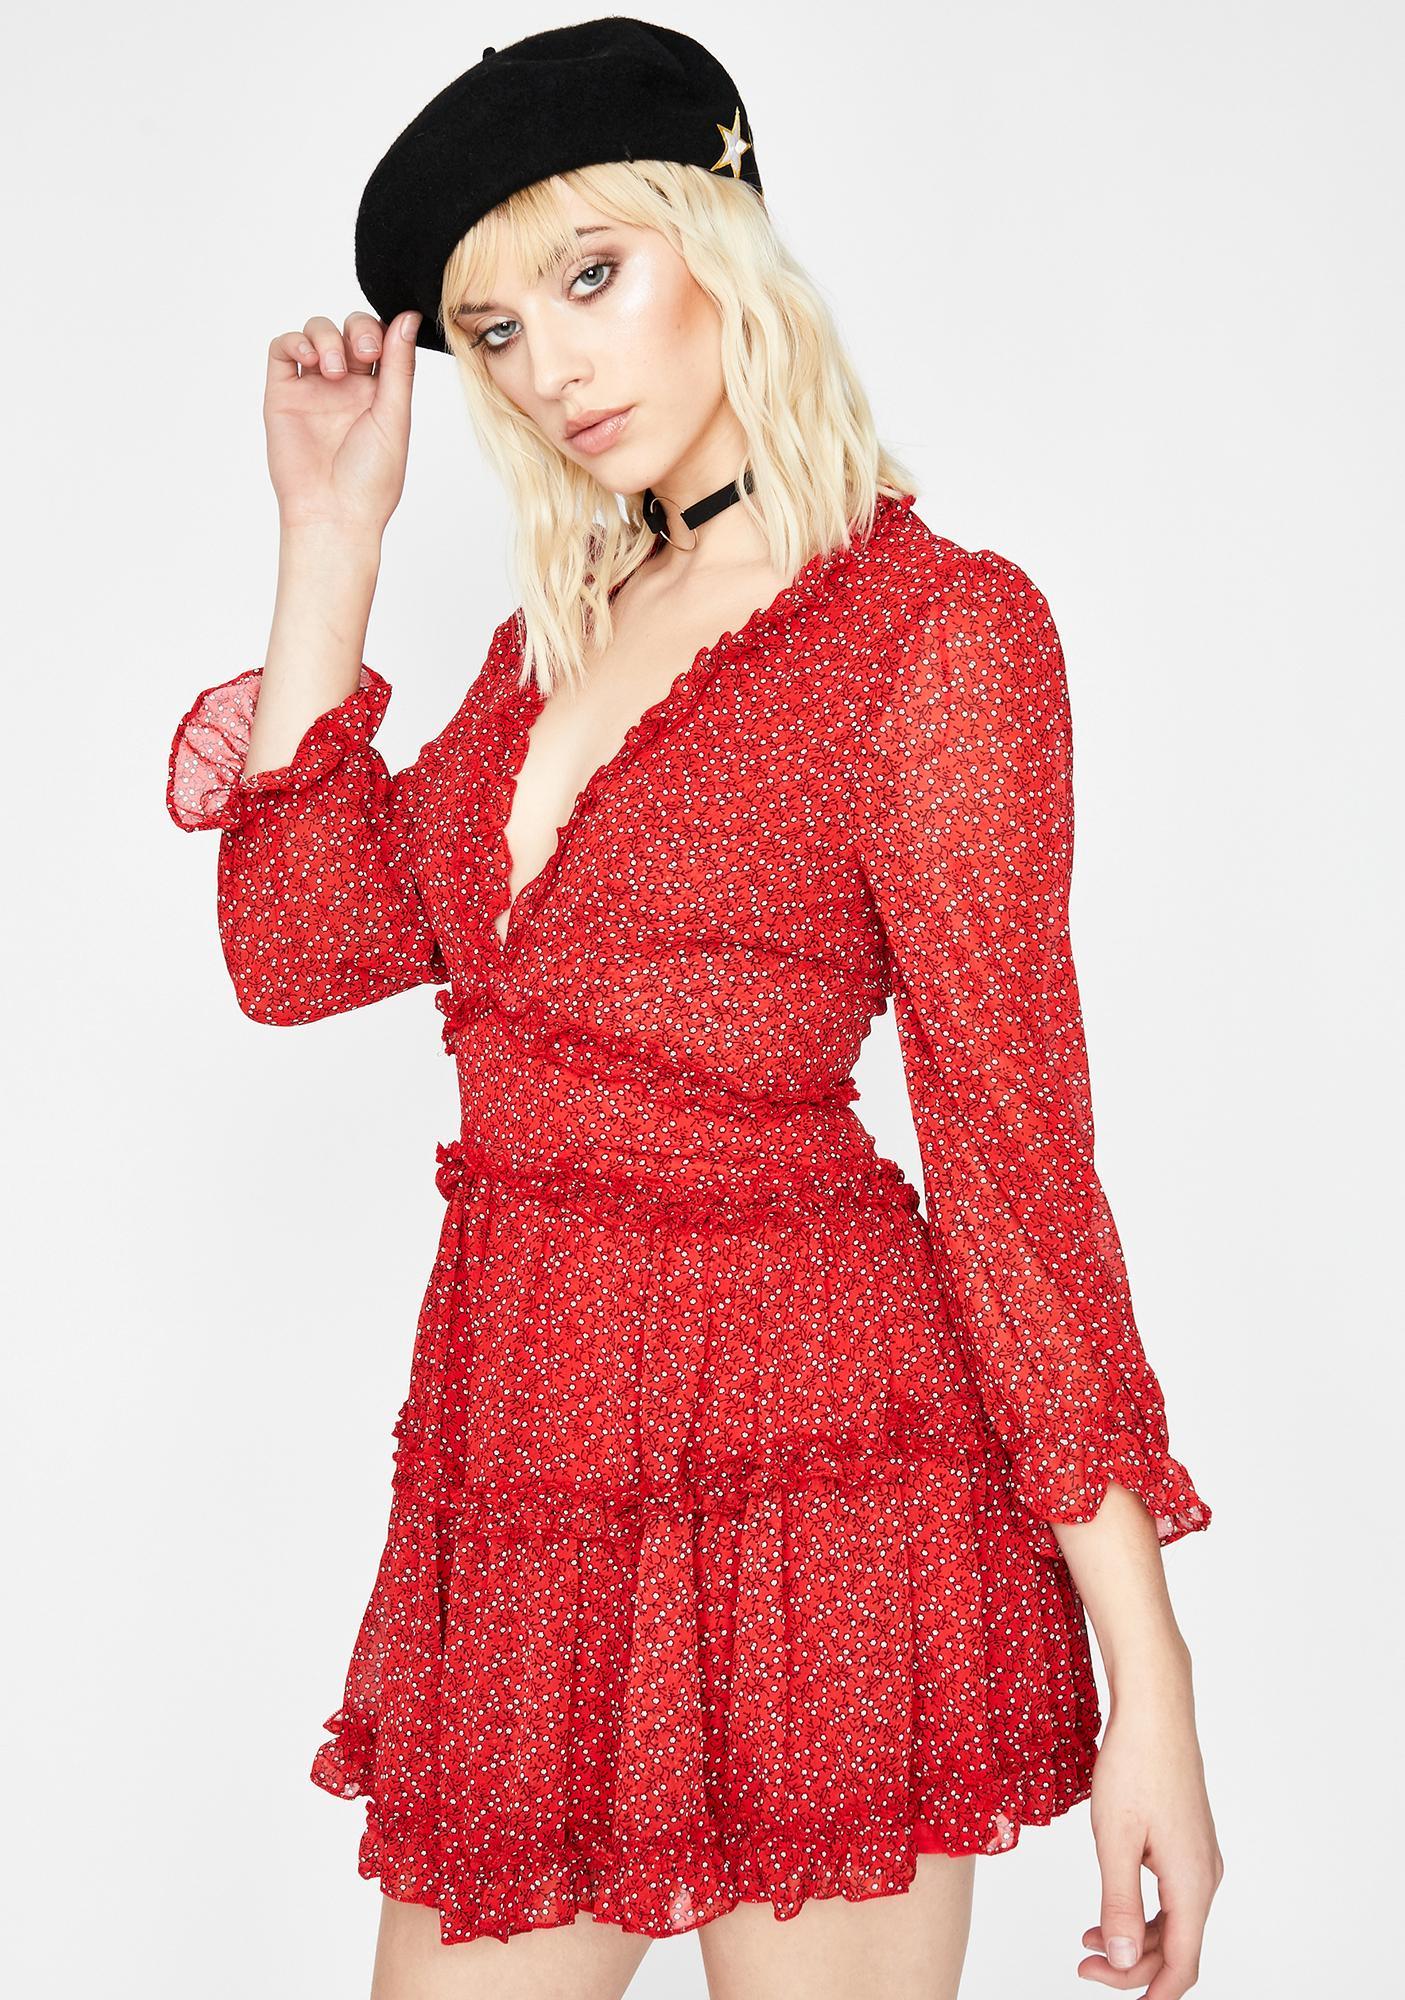 Scarlet Runaway Roadie Ruffle Dress